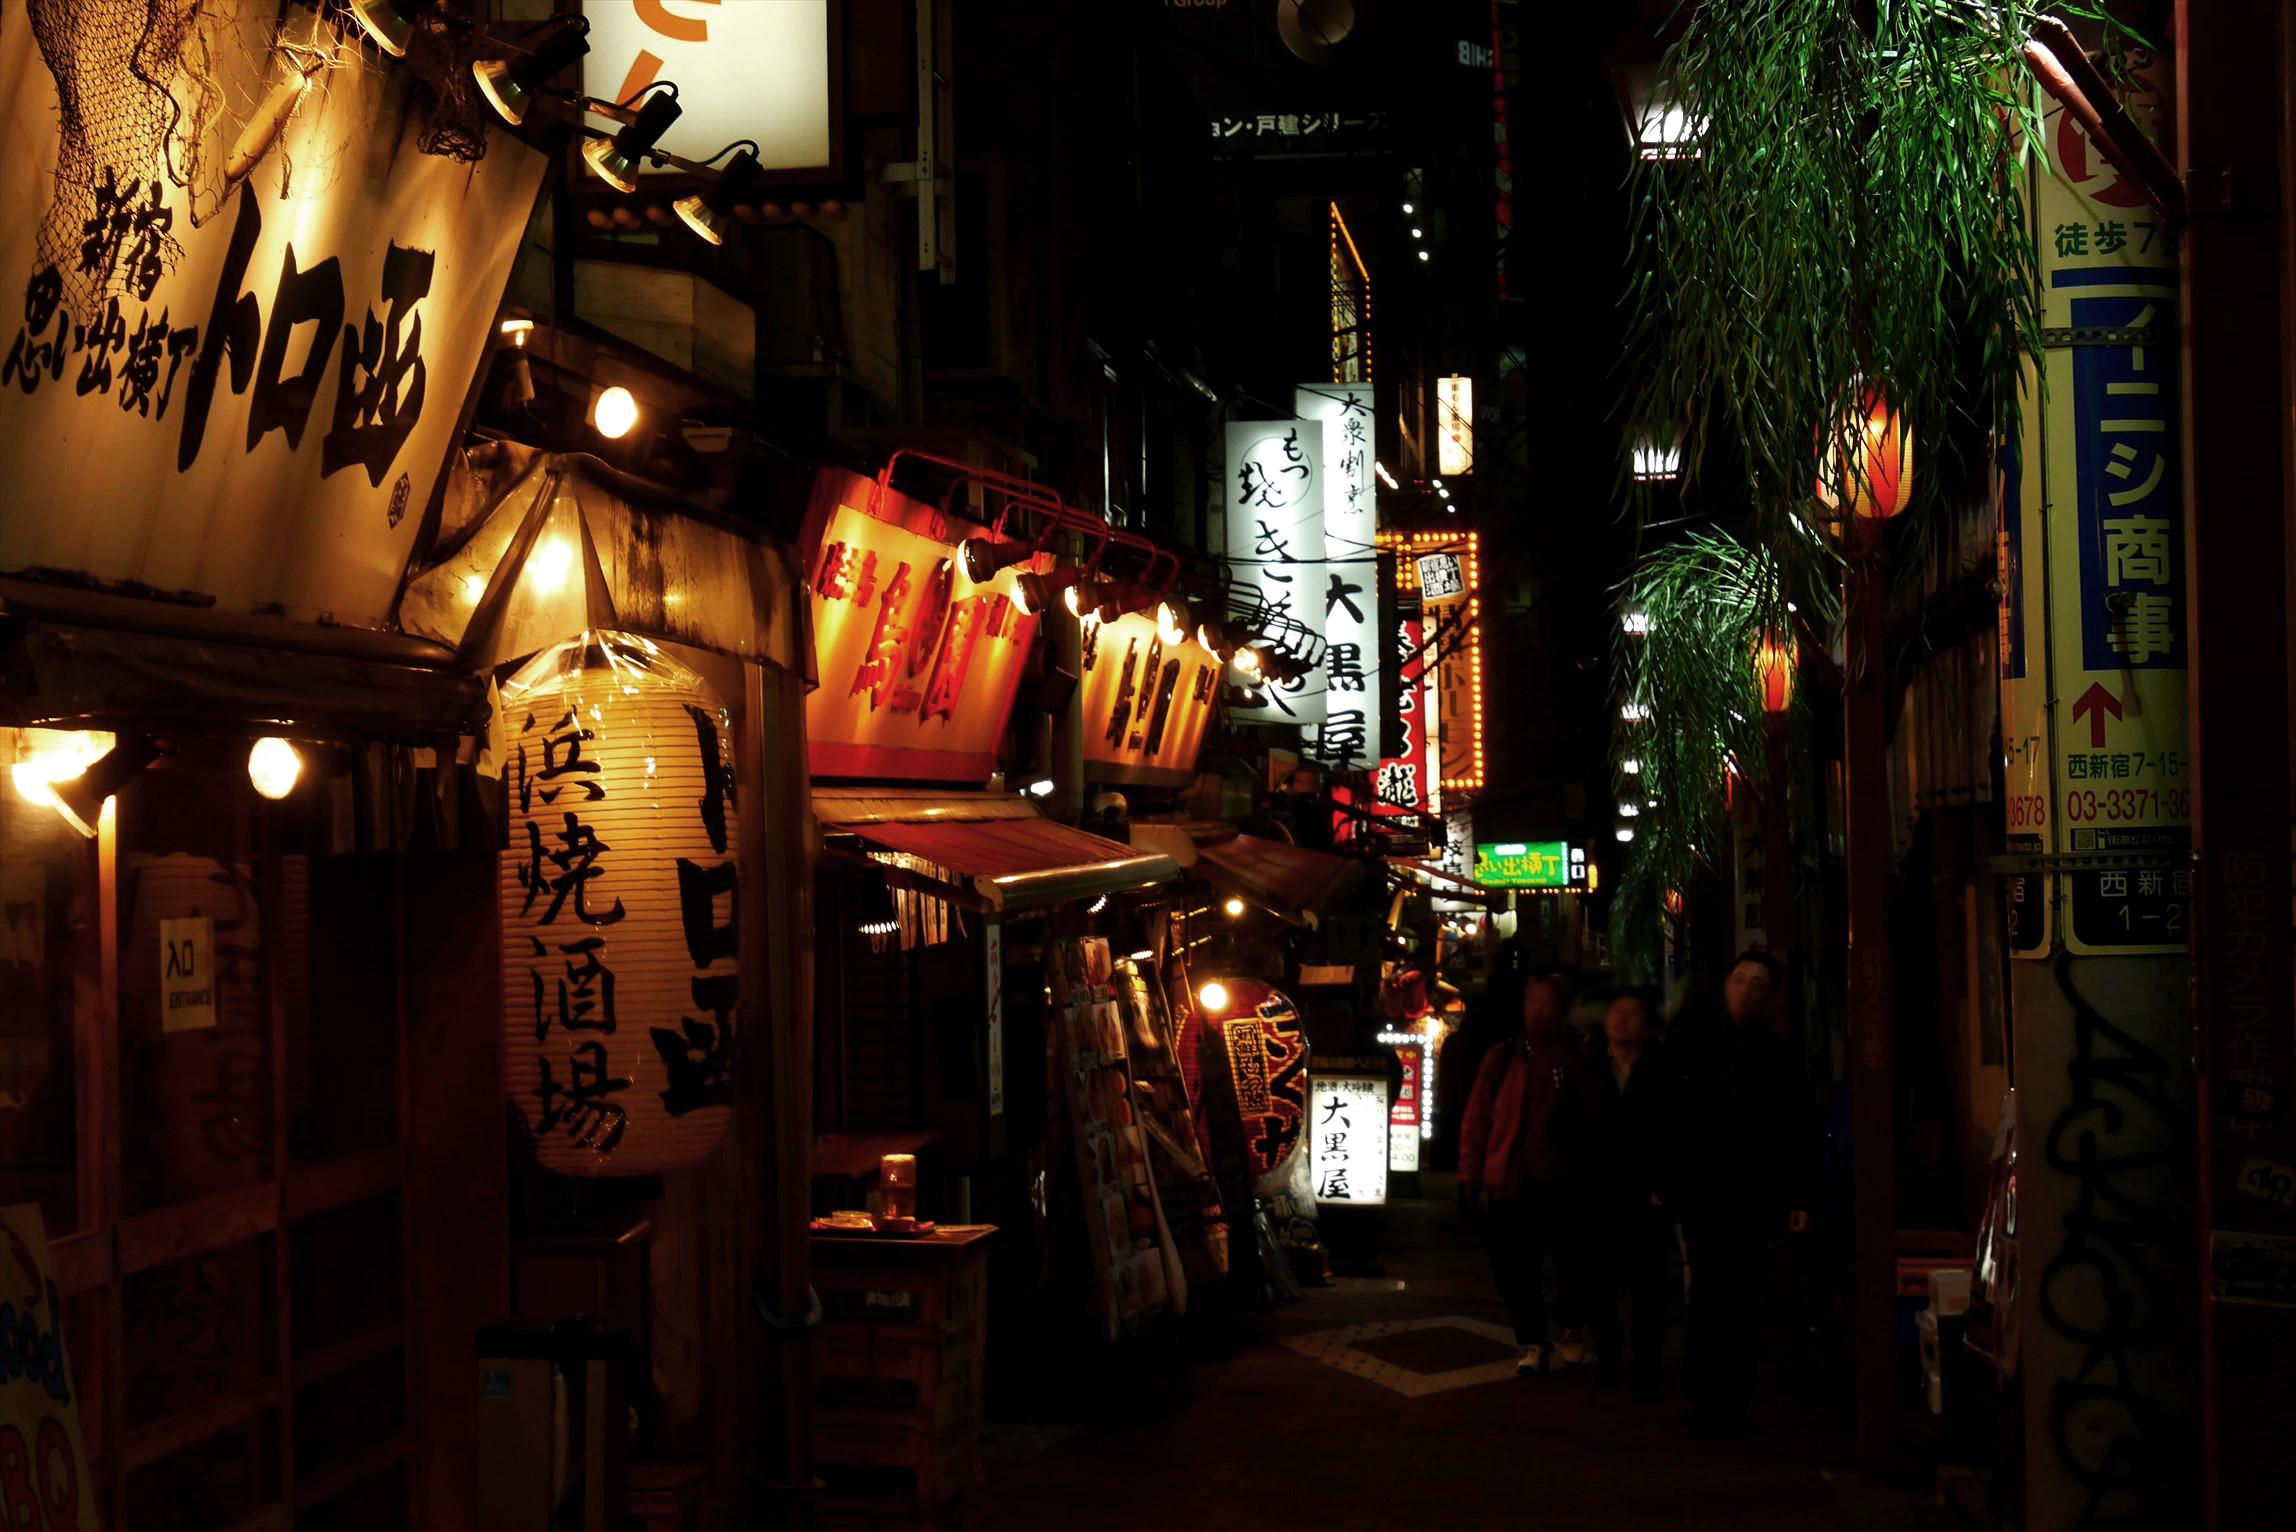 東京の横丁 池袋栄町・美久仁小路/新宿思い出横丁・ゴールデン街/渋谷のんべい横丁